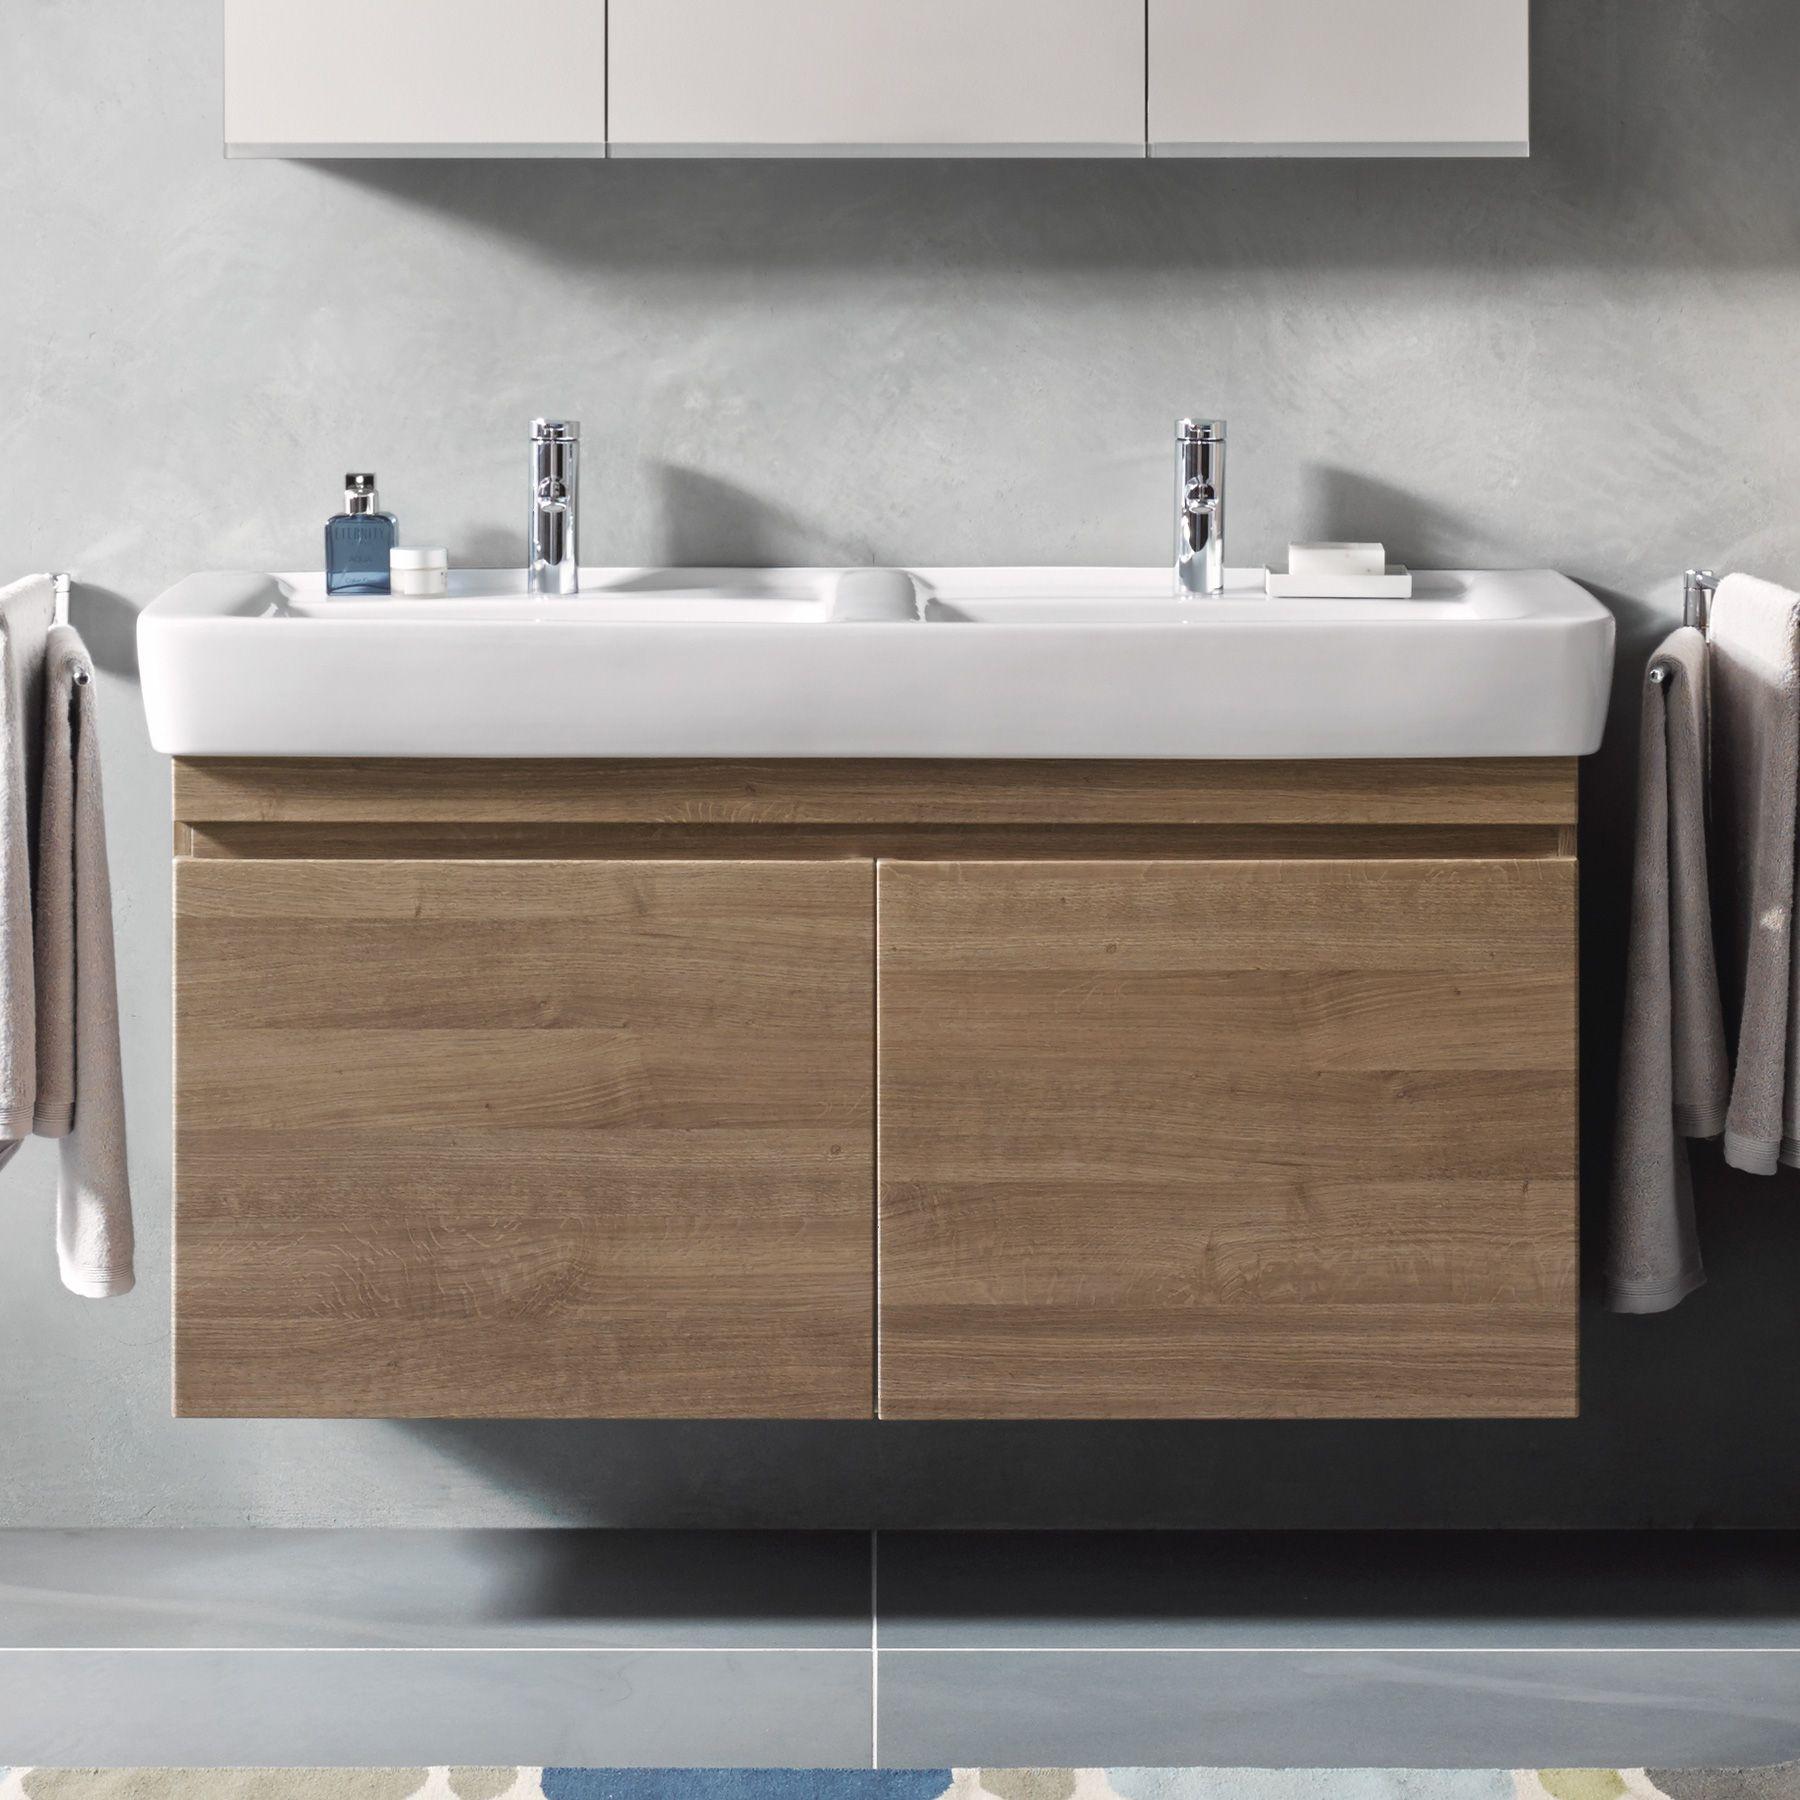 Keramag Renova Nr 1 Plan Waschtischunterschrank B 122 6 H 58 6 T 43 8 Cm Front Badezimmer Unterschrank Waschtischunterschrank Badezimmer Unterschrank Ikea